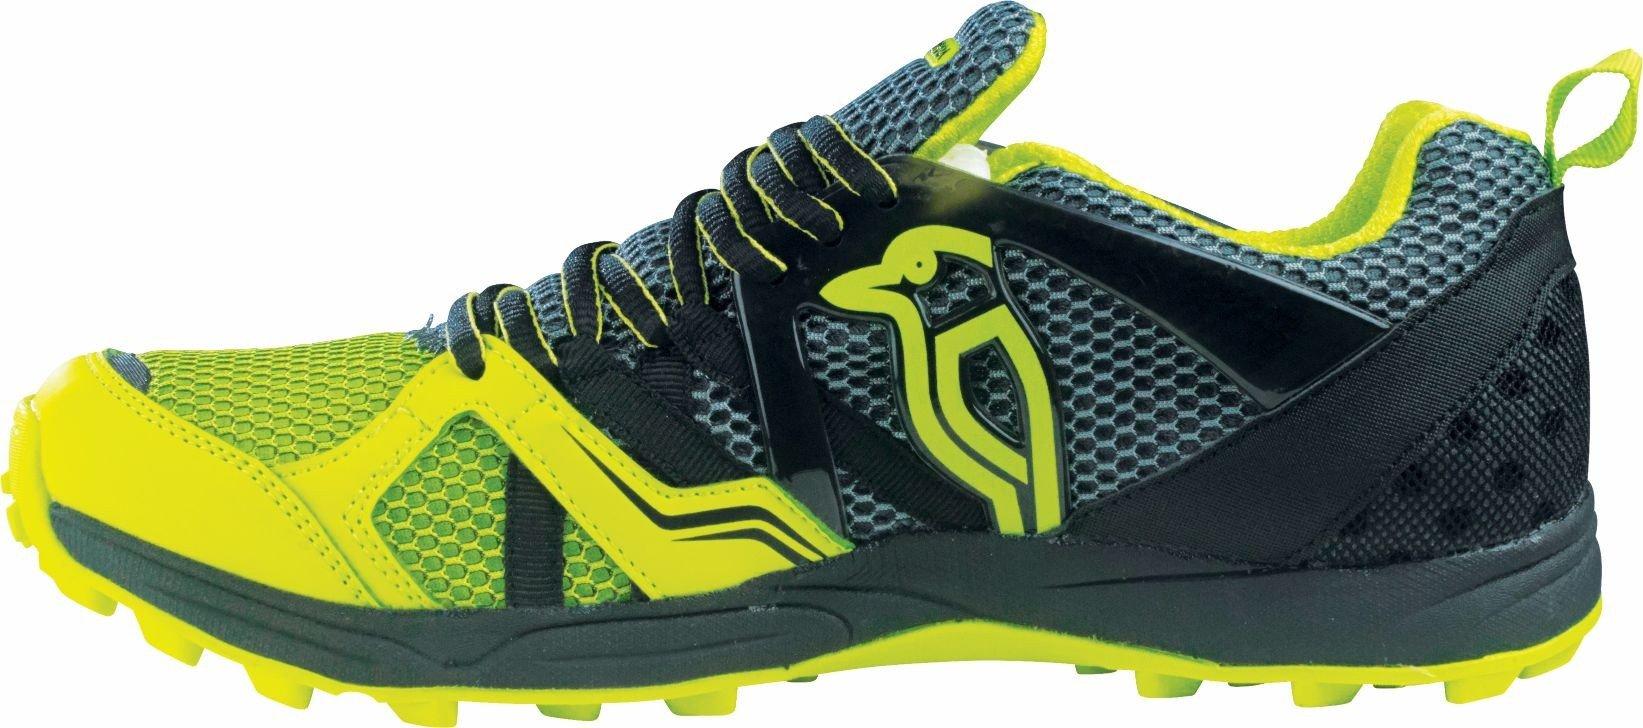 2016/17 Kookaburra Fuse Hockey Shoes